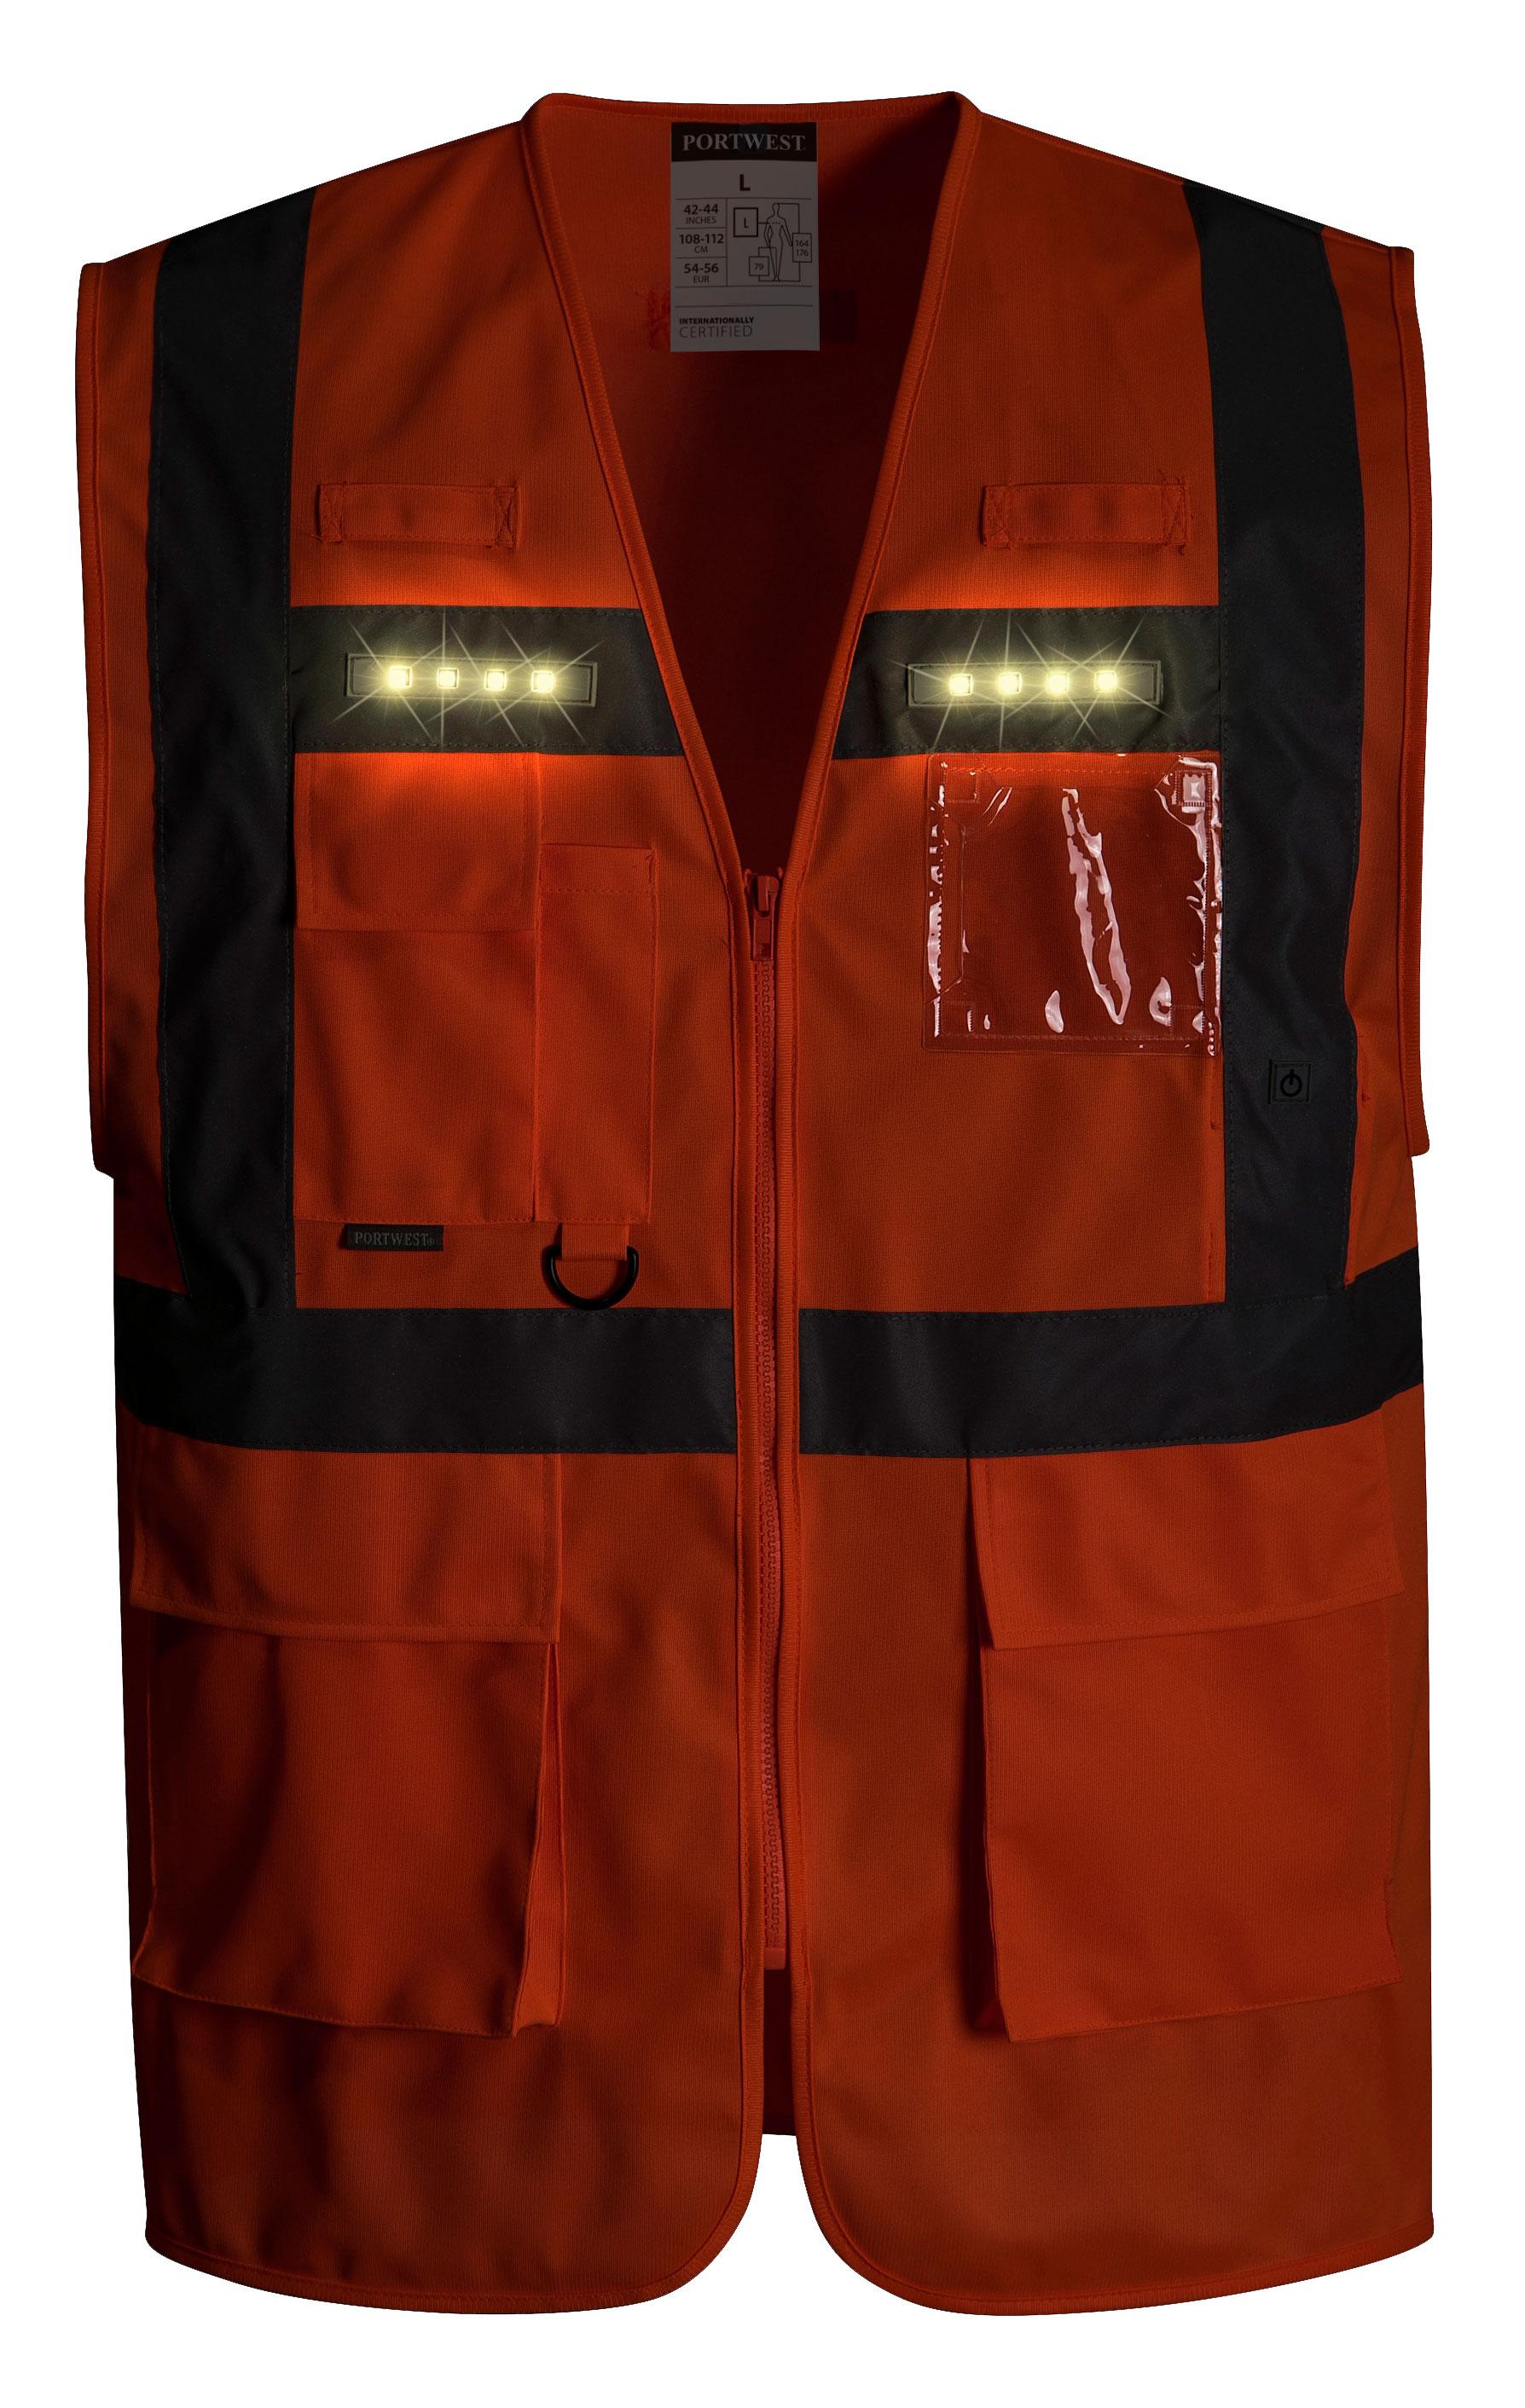 Northrock Safety Flashing Led Safety Vest Flashing Led